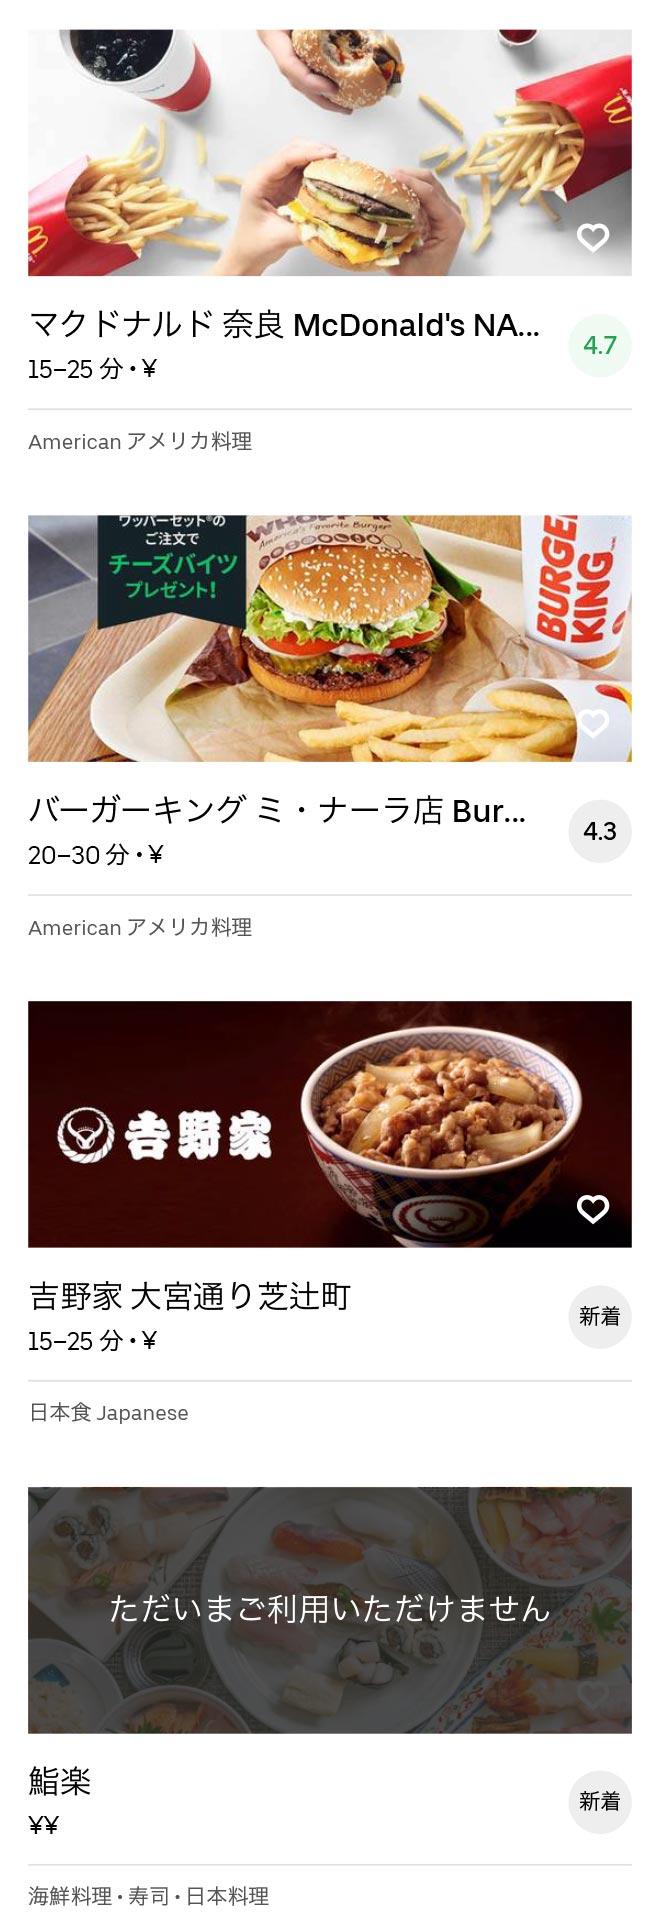 Nara menu 2007 04